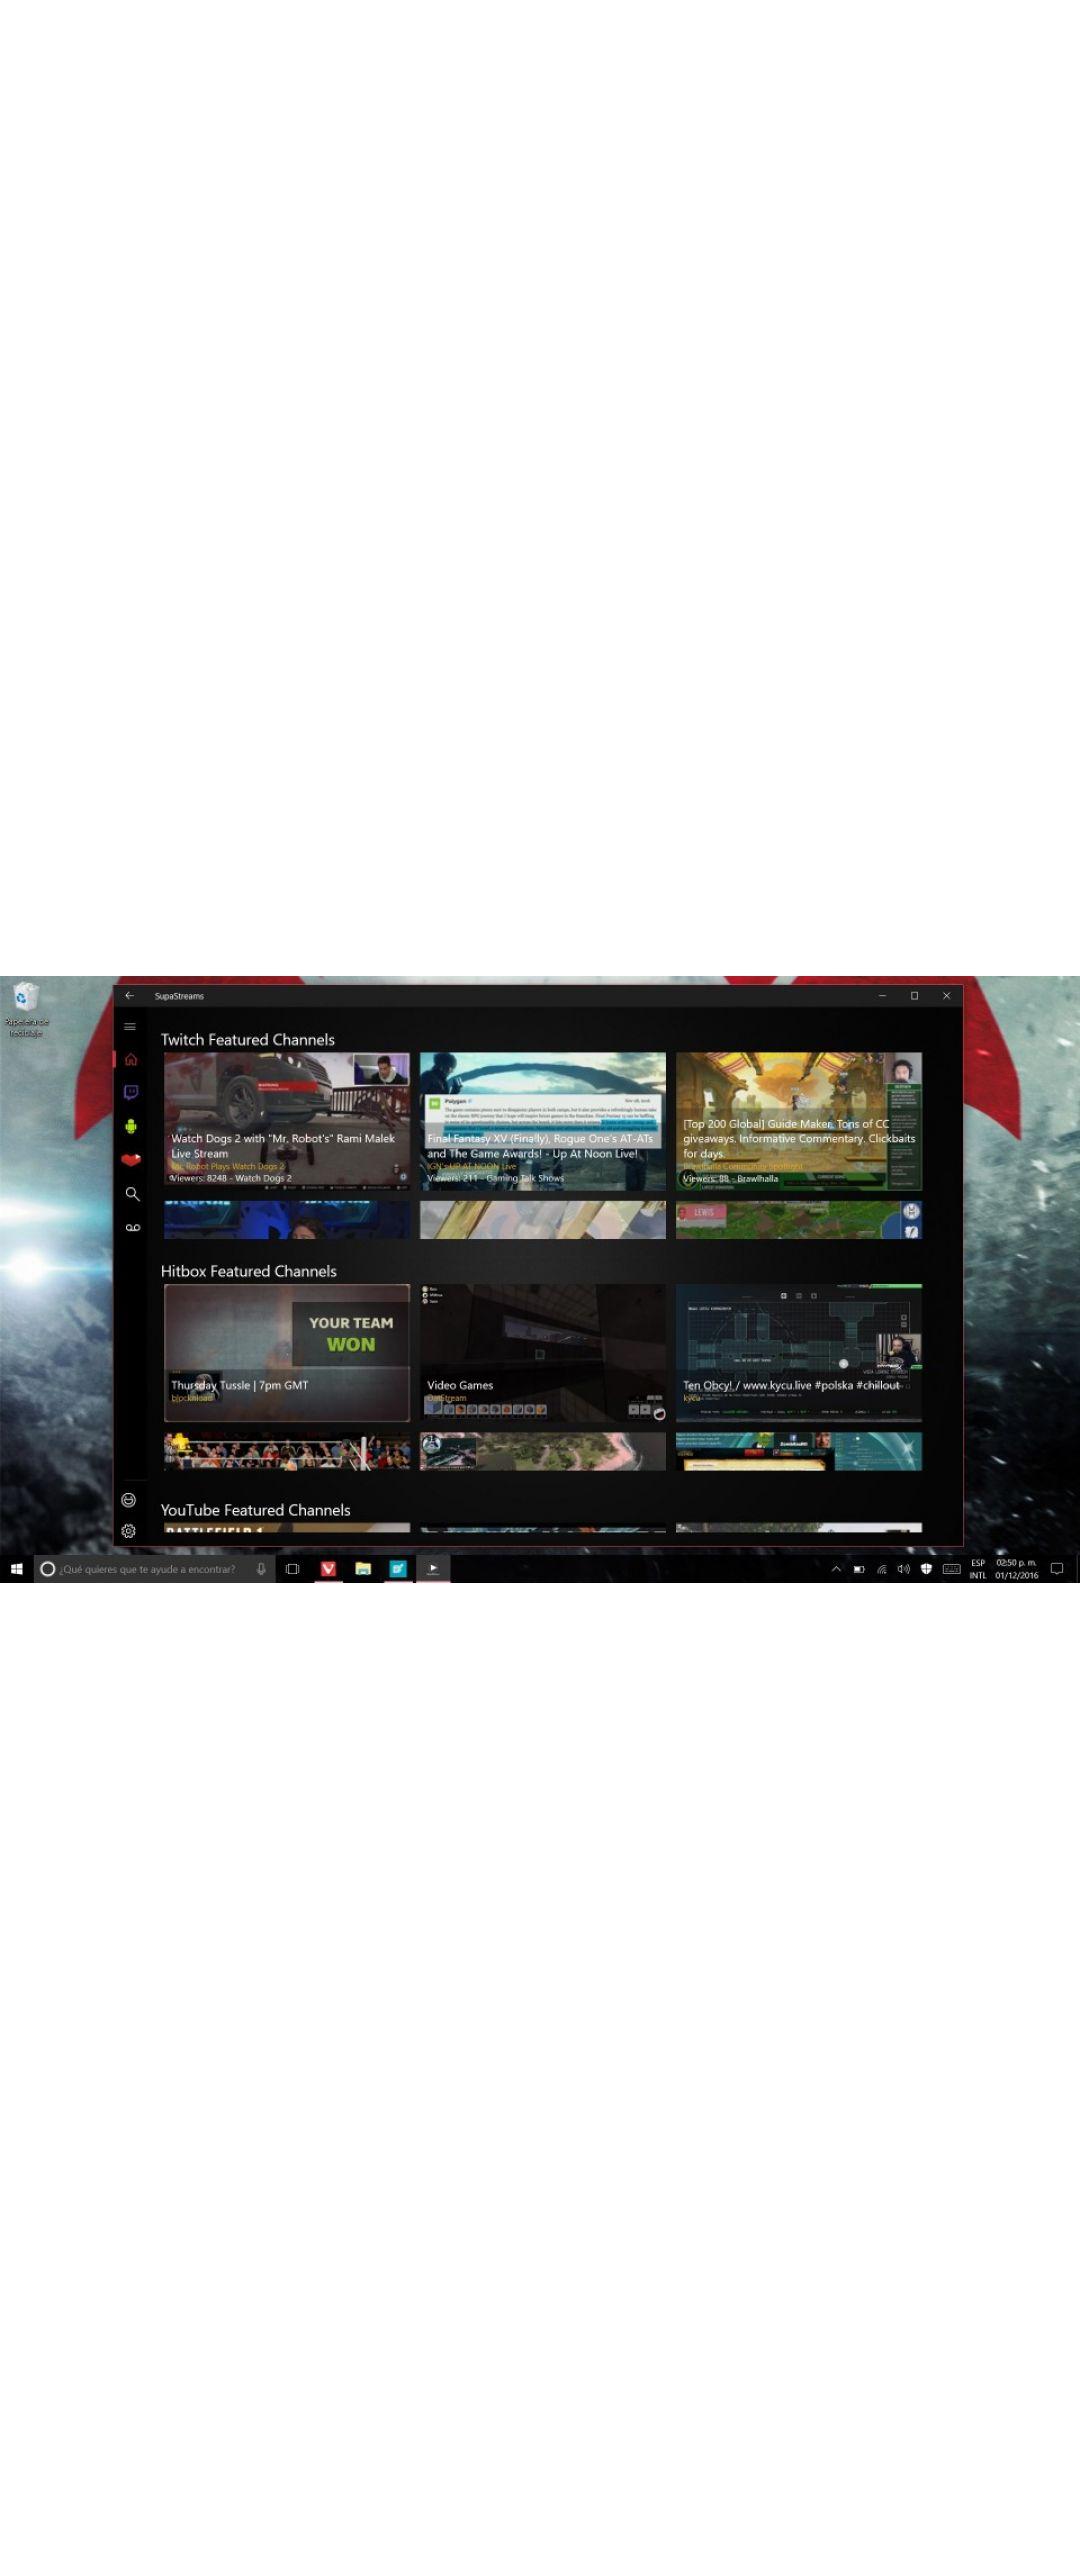 SupaStreams junta los streamings de Twitch, YouTube y Hitbox en una app